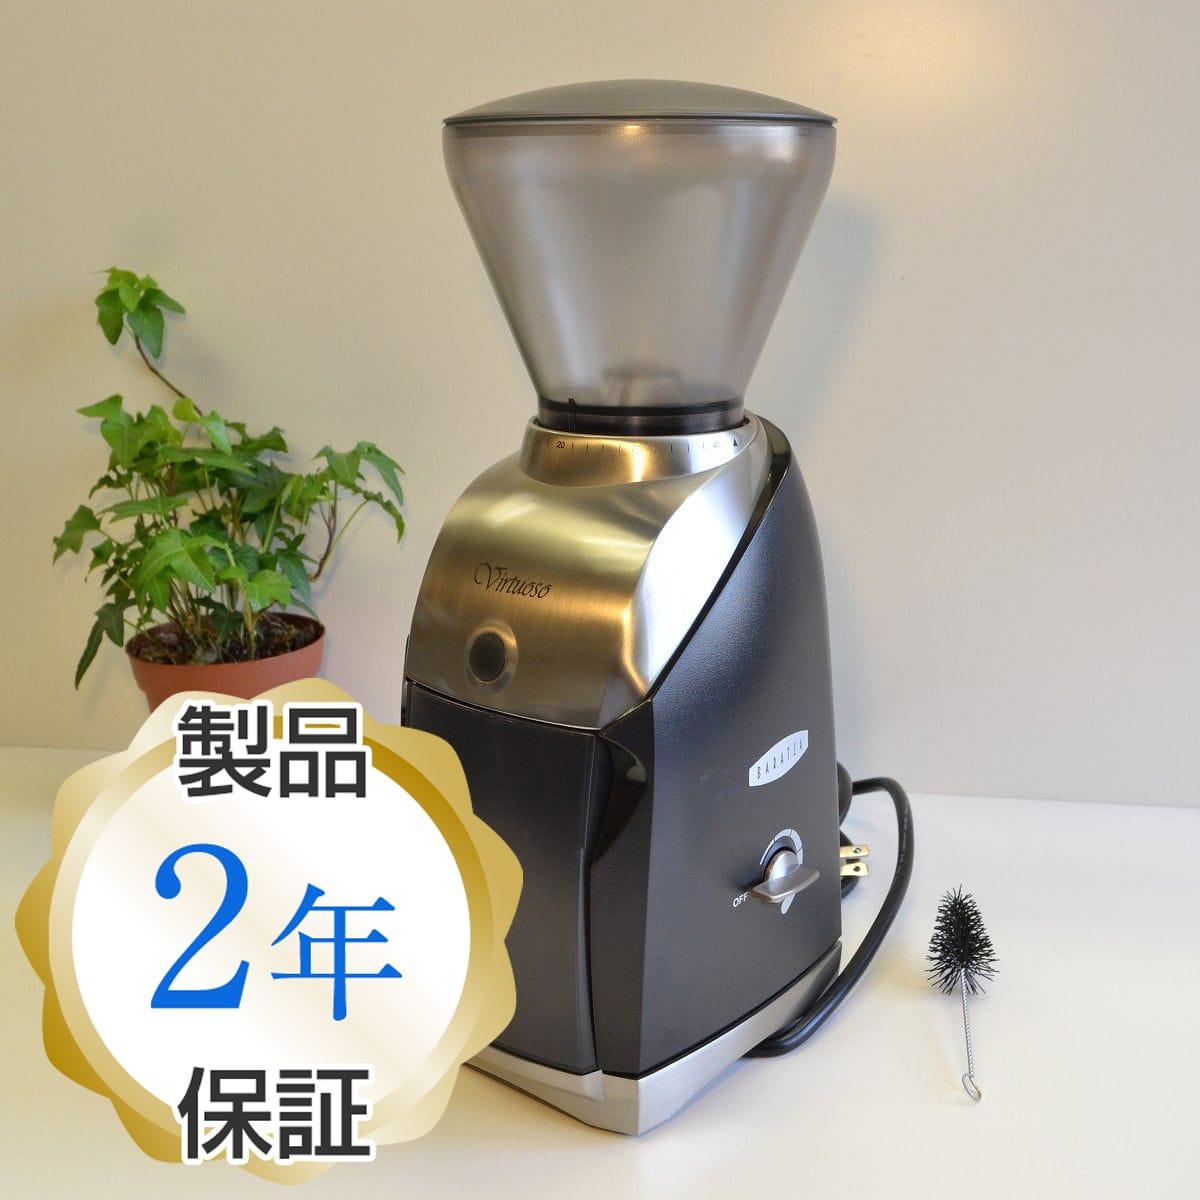 バラッツァ・バー コーヒーミル(グラインダー) 豆ひき 豆挽きBaratza Virtuoso Coffee Grinder 586 家電